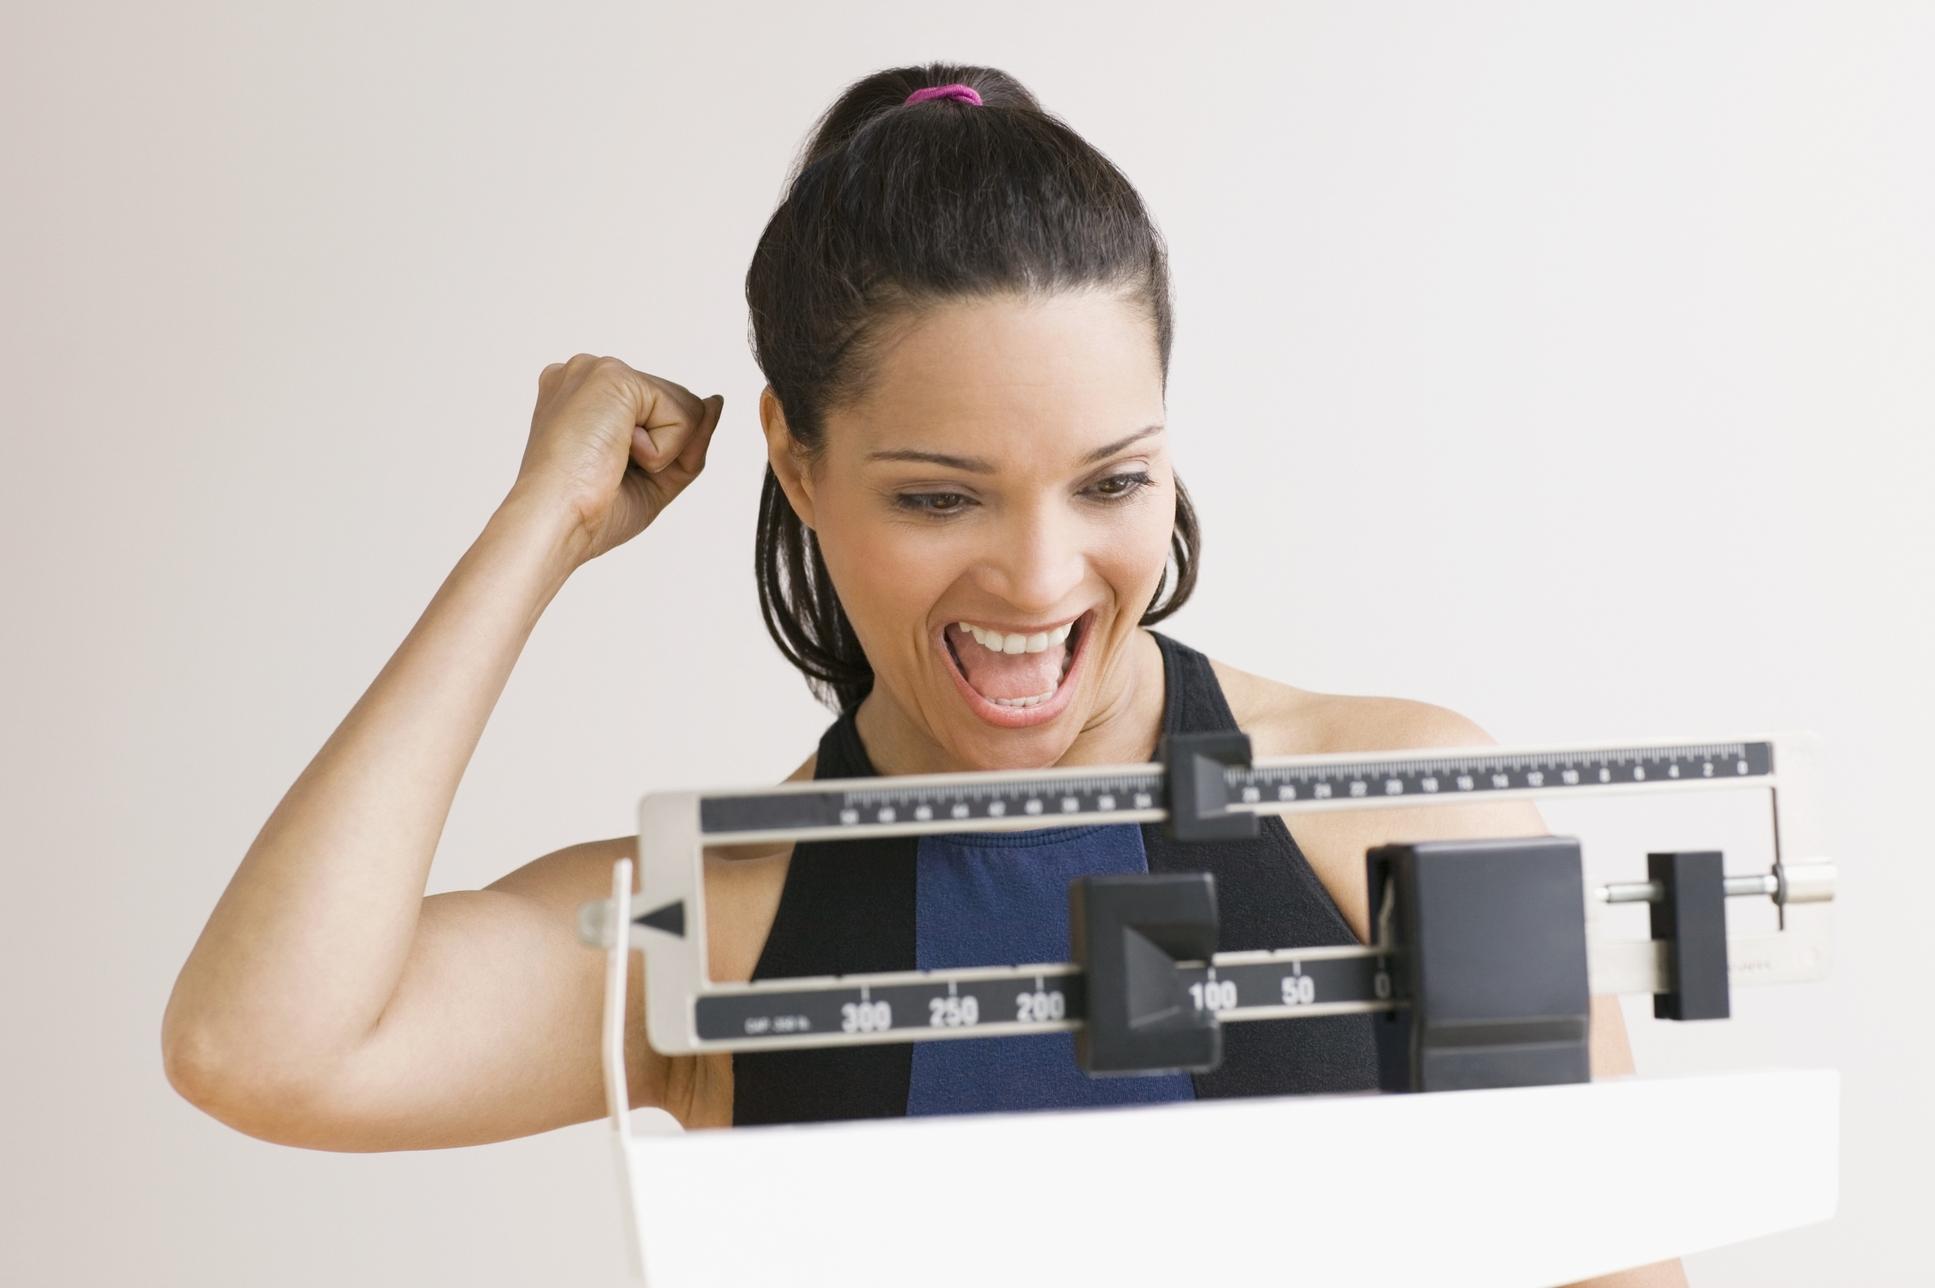 как быстро сбросить вес перед взвешиванием